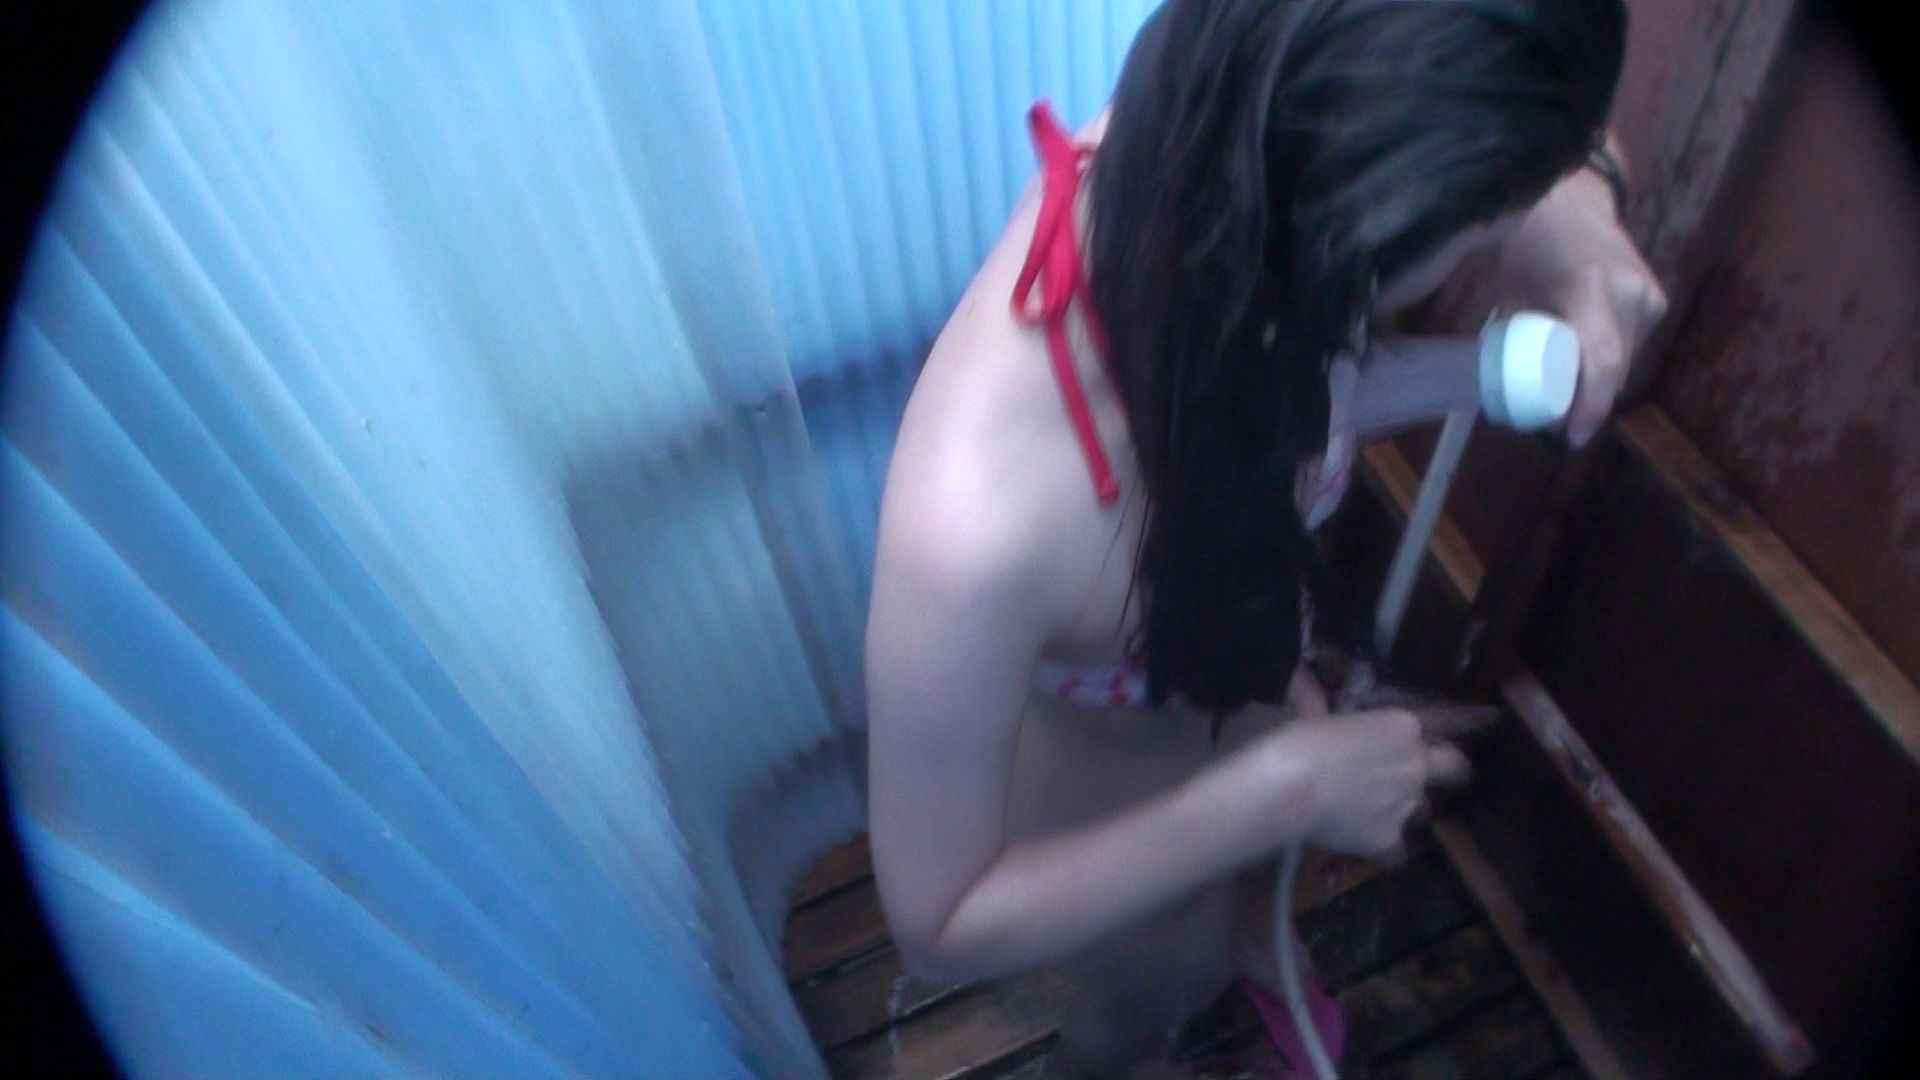 ハイビジョンシャワールームは超!!危険な香りVol.32 オッパイ隠して陰毛隠さず チラ見せ乳輪 チラ のぞき動画キャプチャ 87画像 6